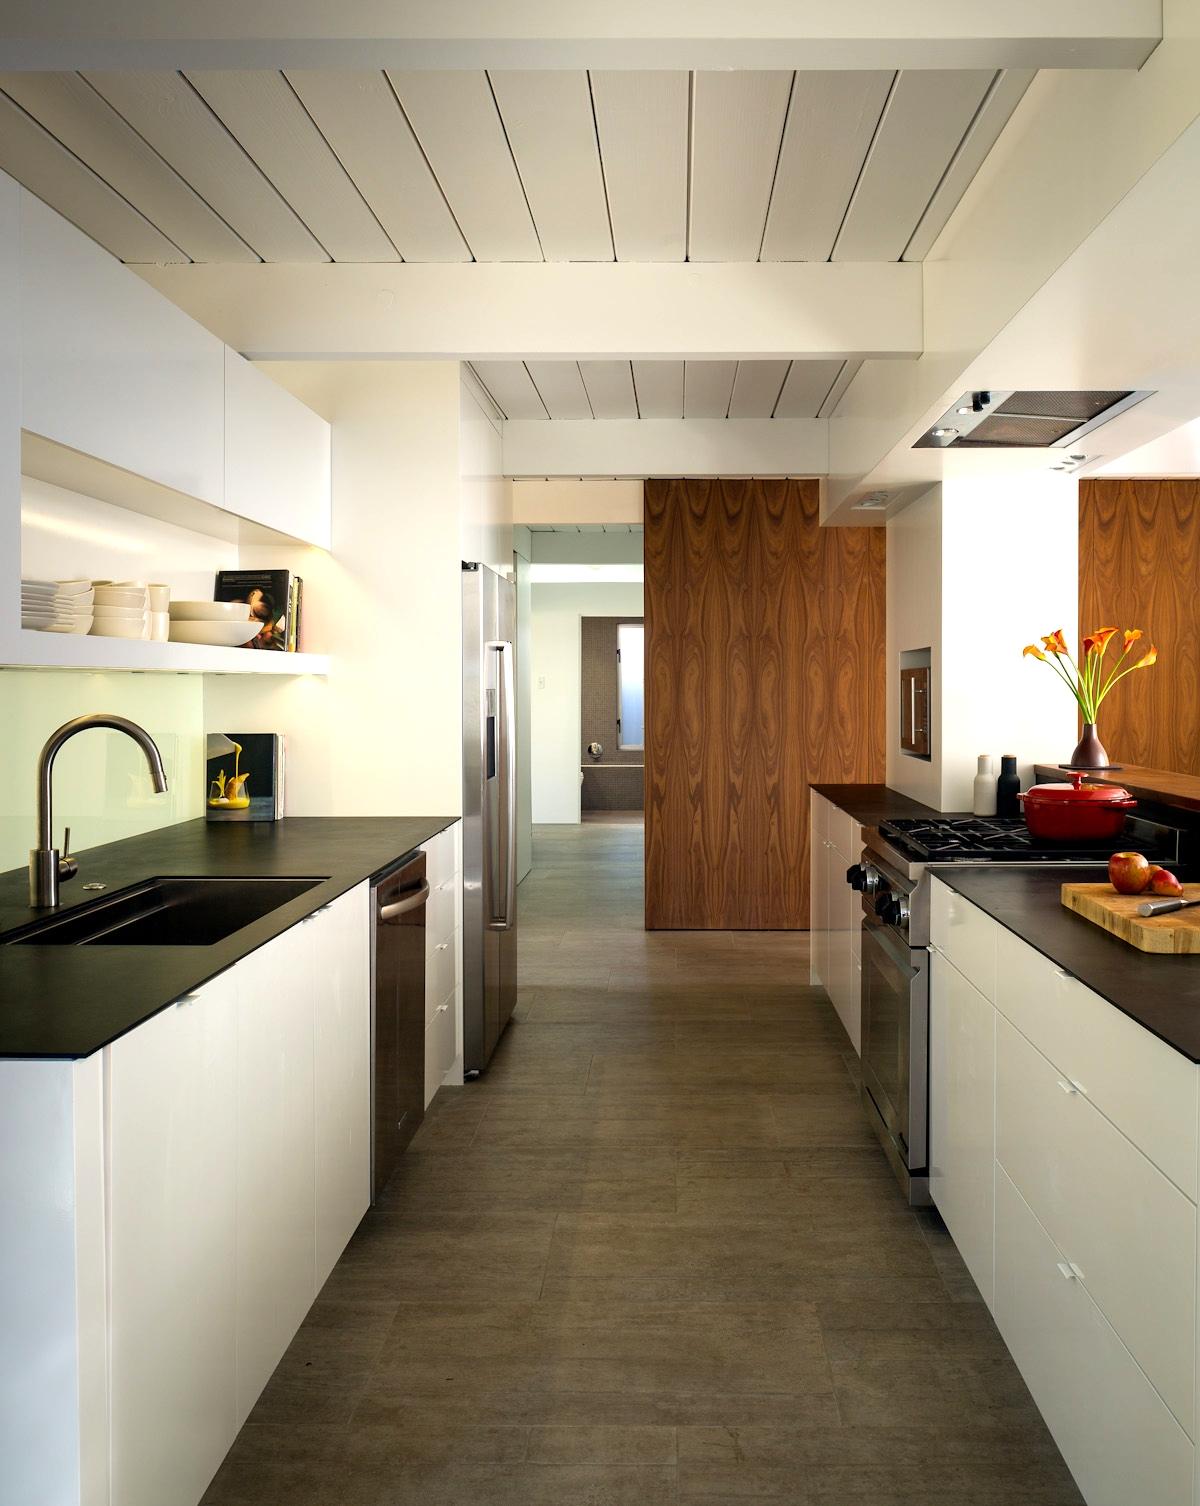 Современная кухня с новой бытовой техникой отлично вписалась в модернистский дом середины прошлого века